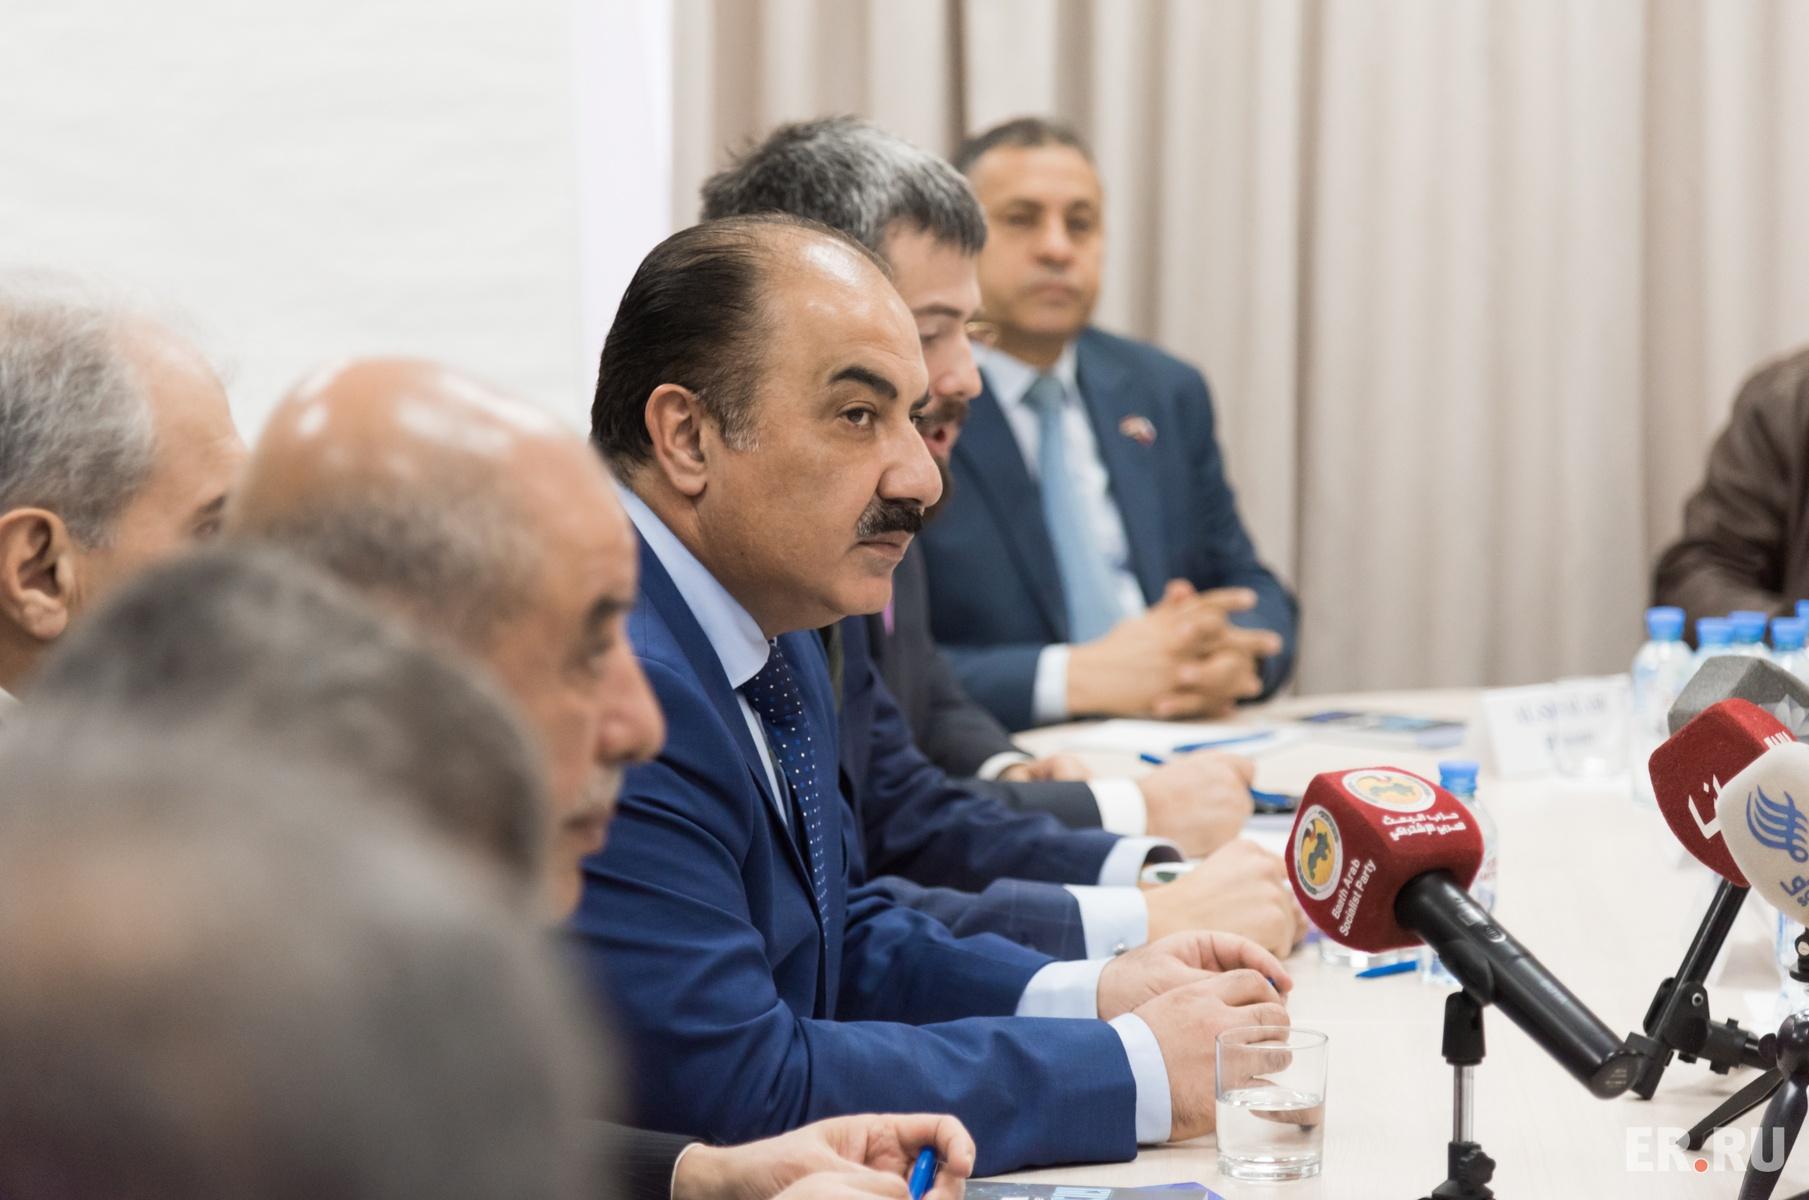 Политические консультации с делегацией партии Арабского социалистического возрождения (БААС)